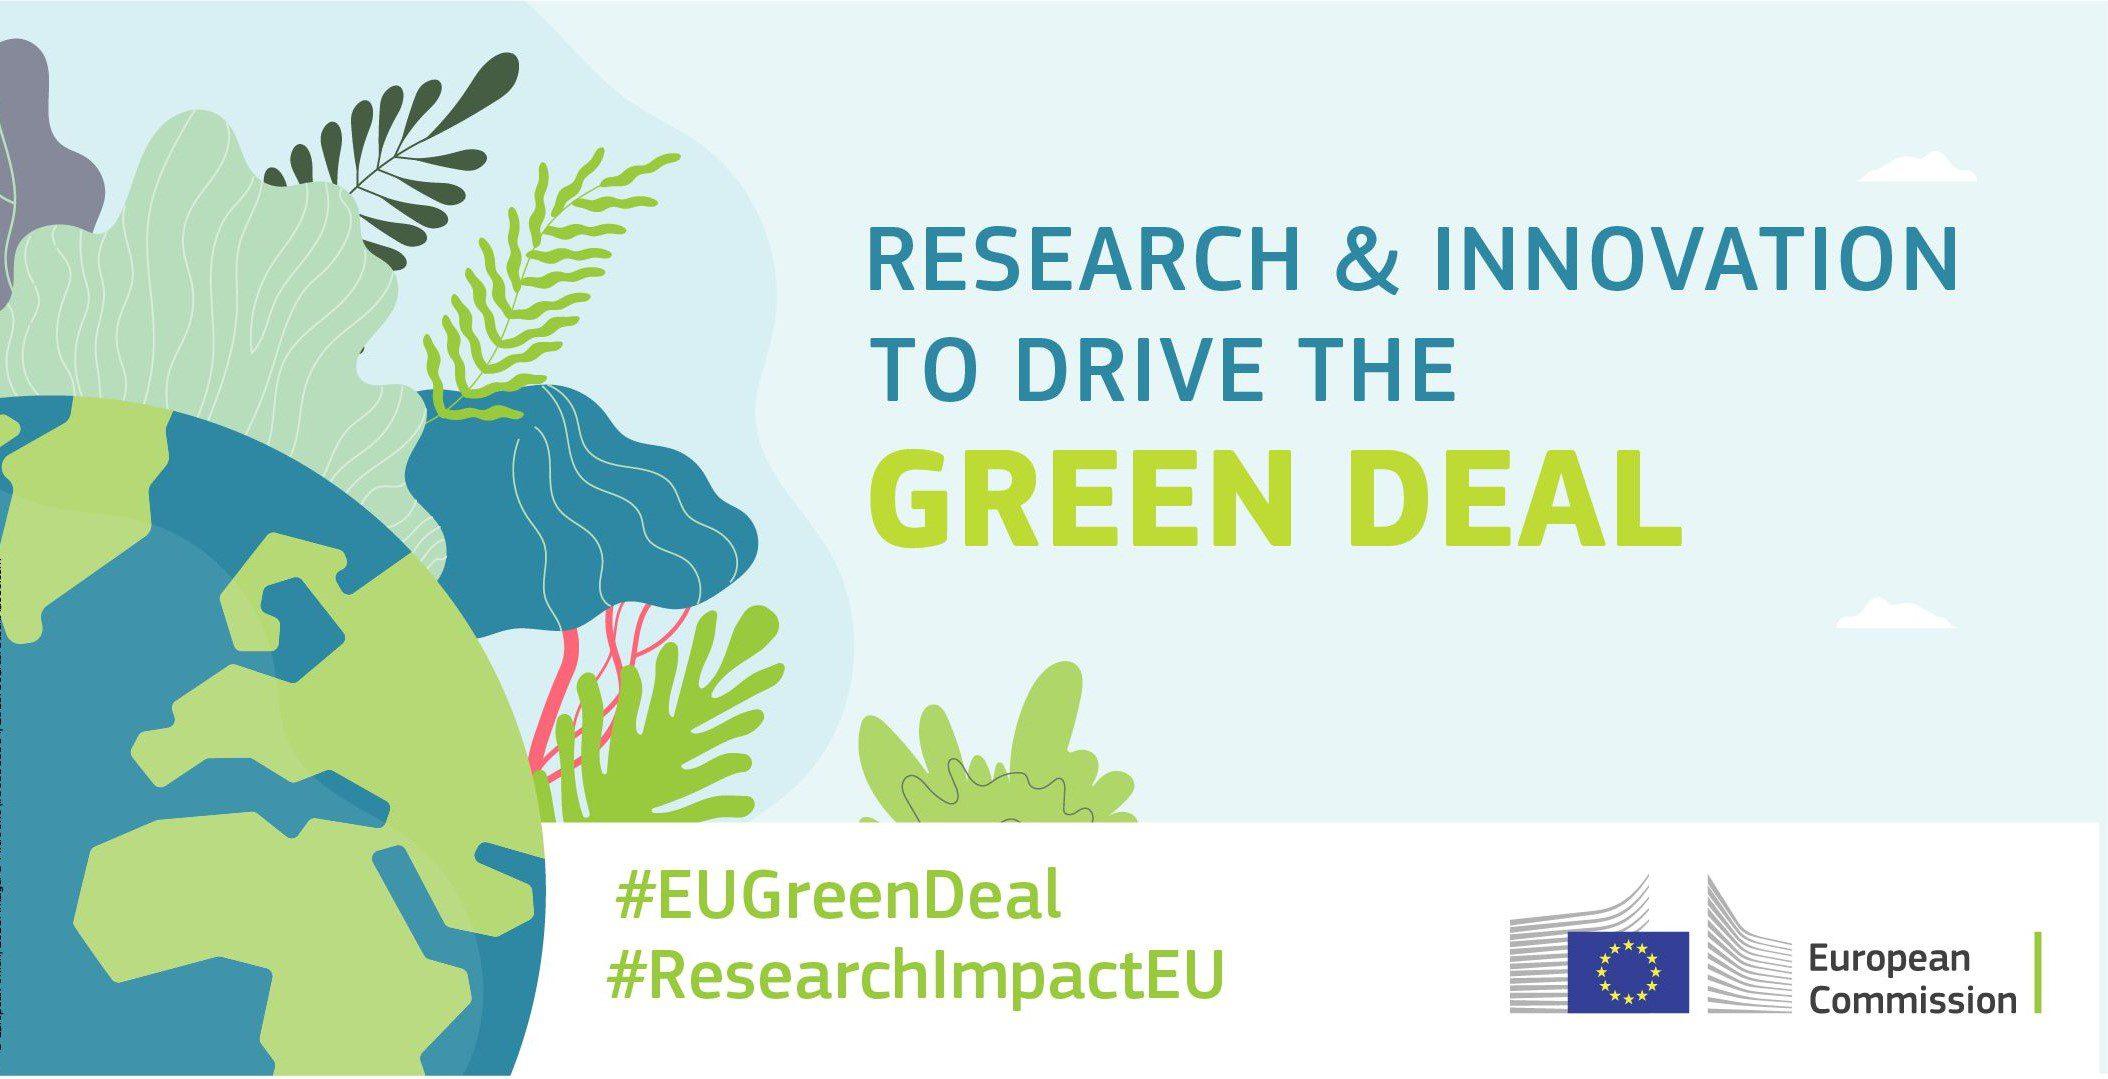 Programme H2020 Green Deal a pour ambition de renforcer la compétitivité de l'Europe et sa stratégie de croissance verte.